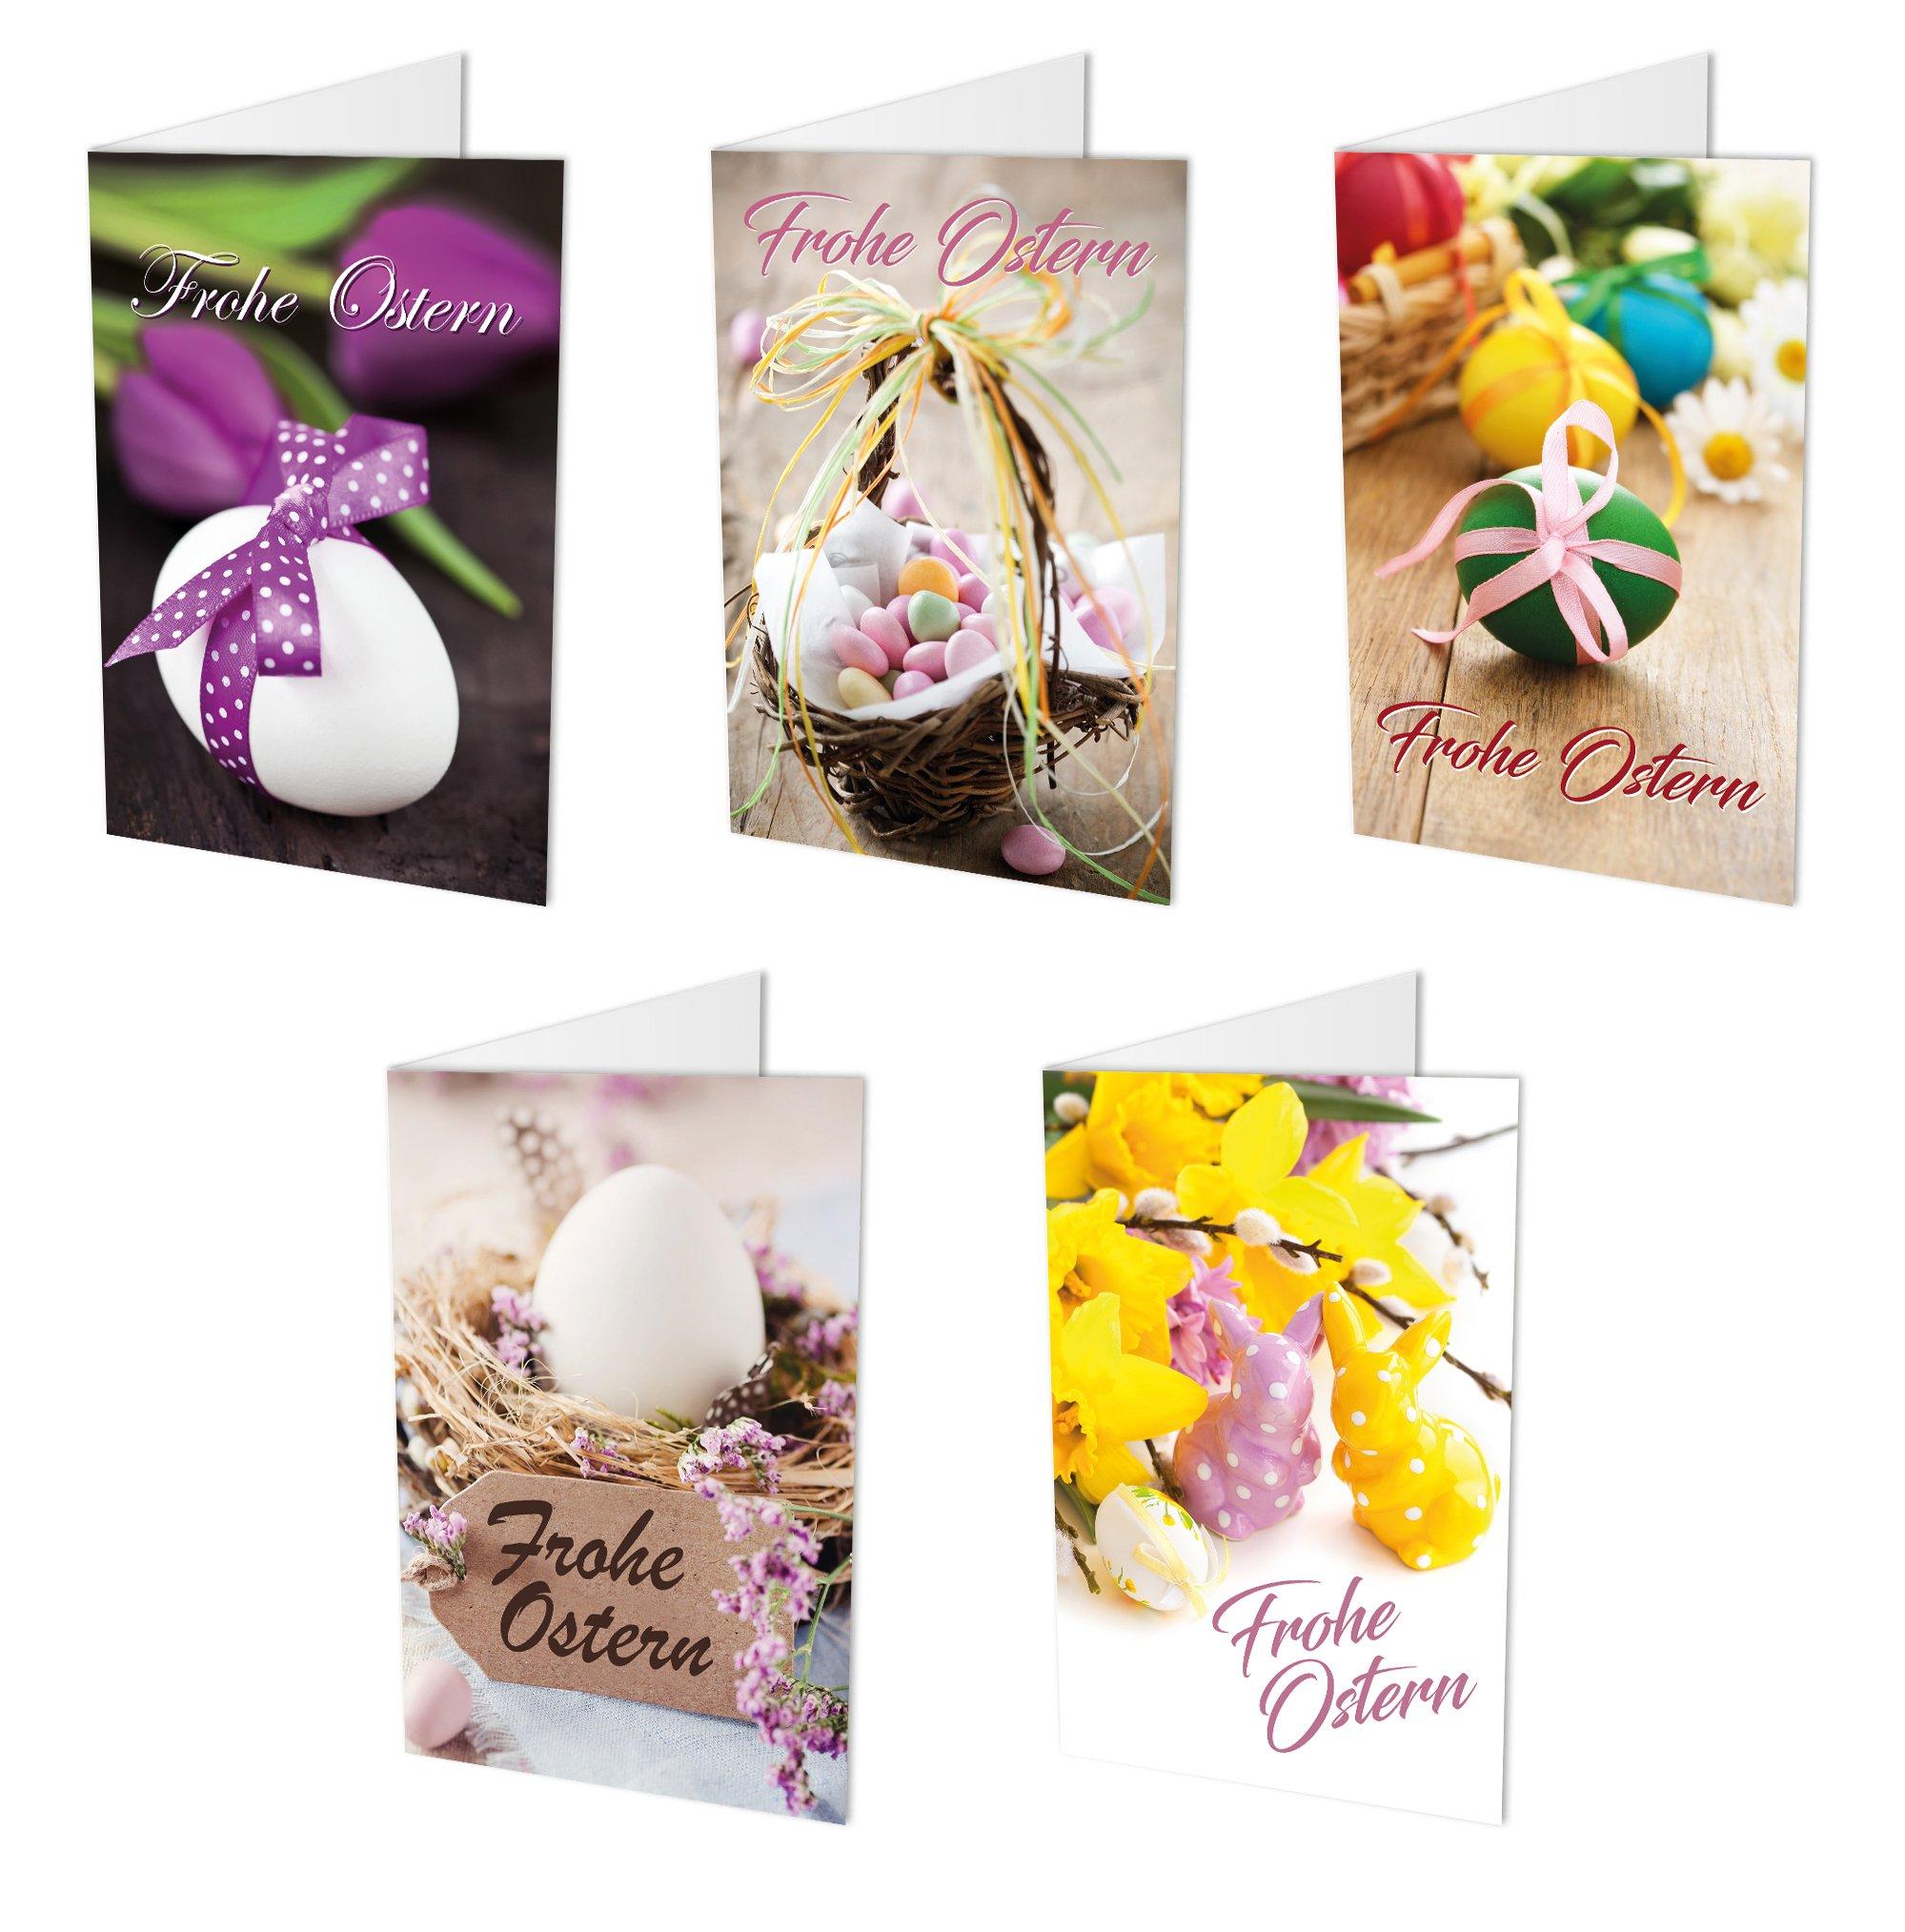 Set 20er wundersch/öne Weihnachtskarten inkl DIN A6 10 verschiedene Motive Umschl/äge ideal zum Verschenken